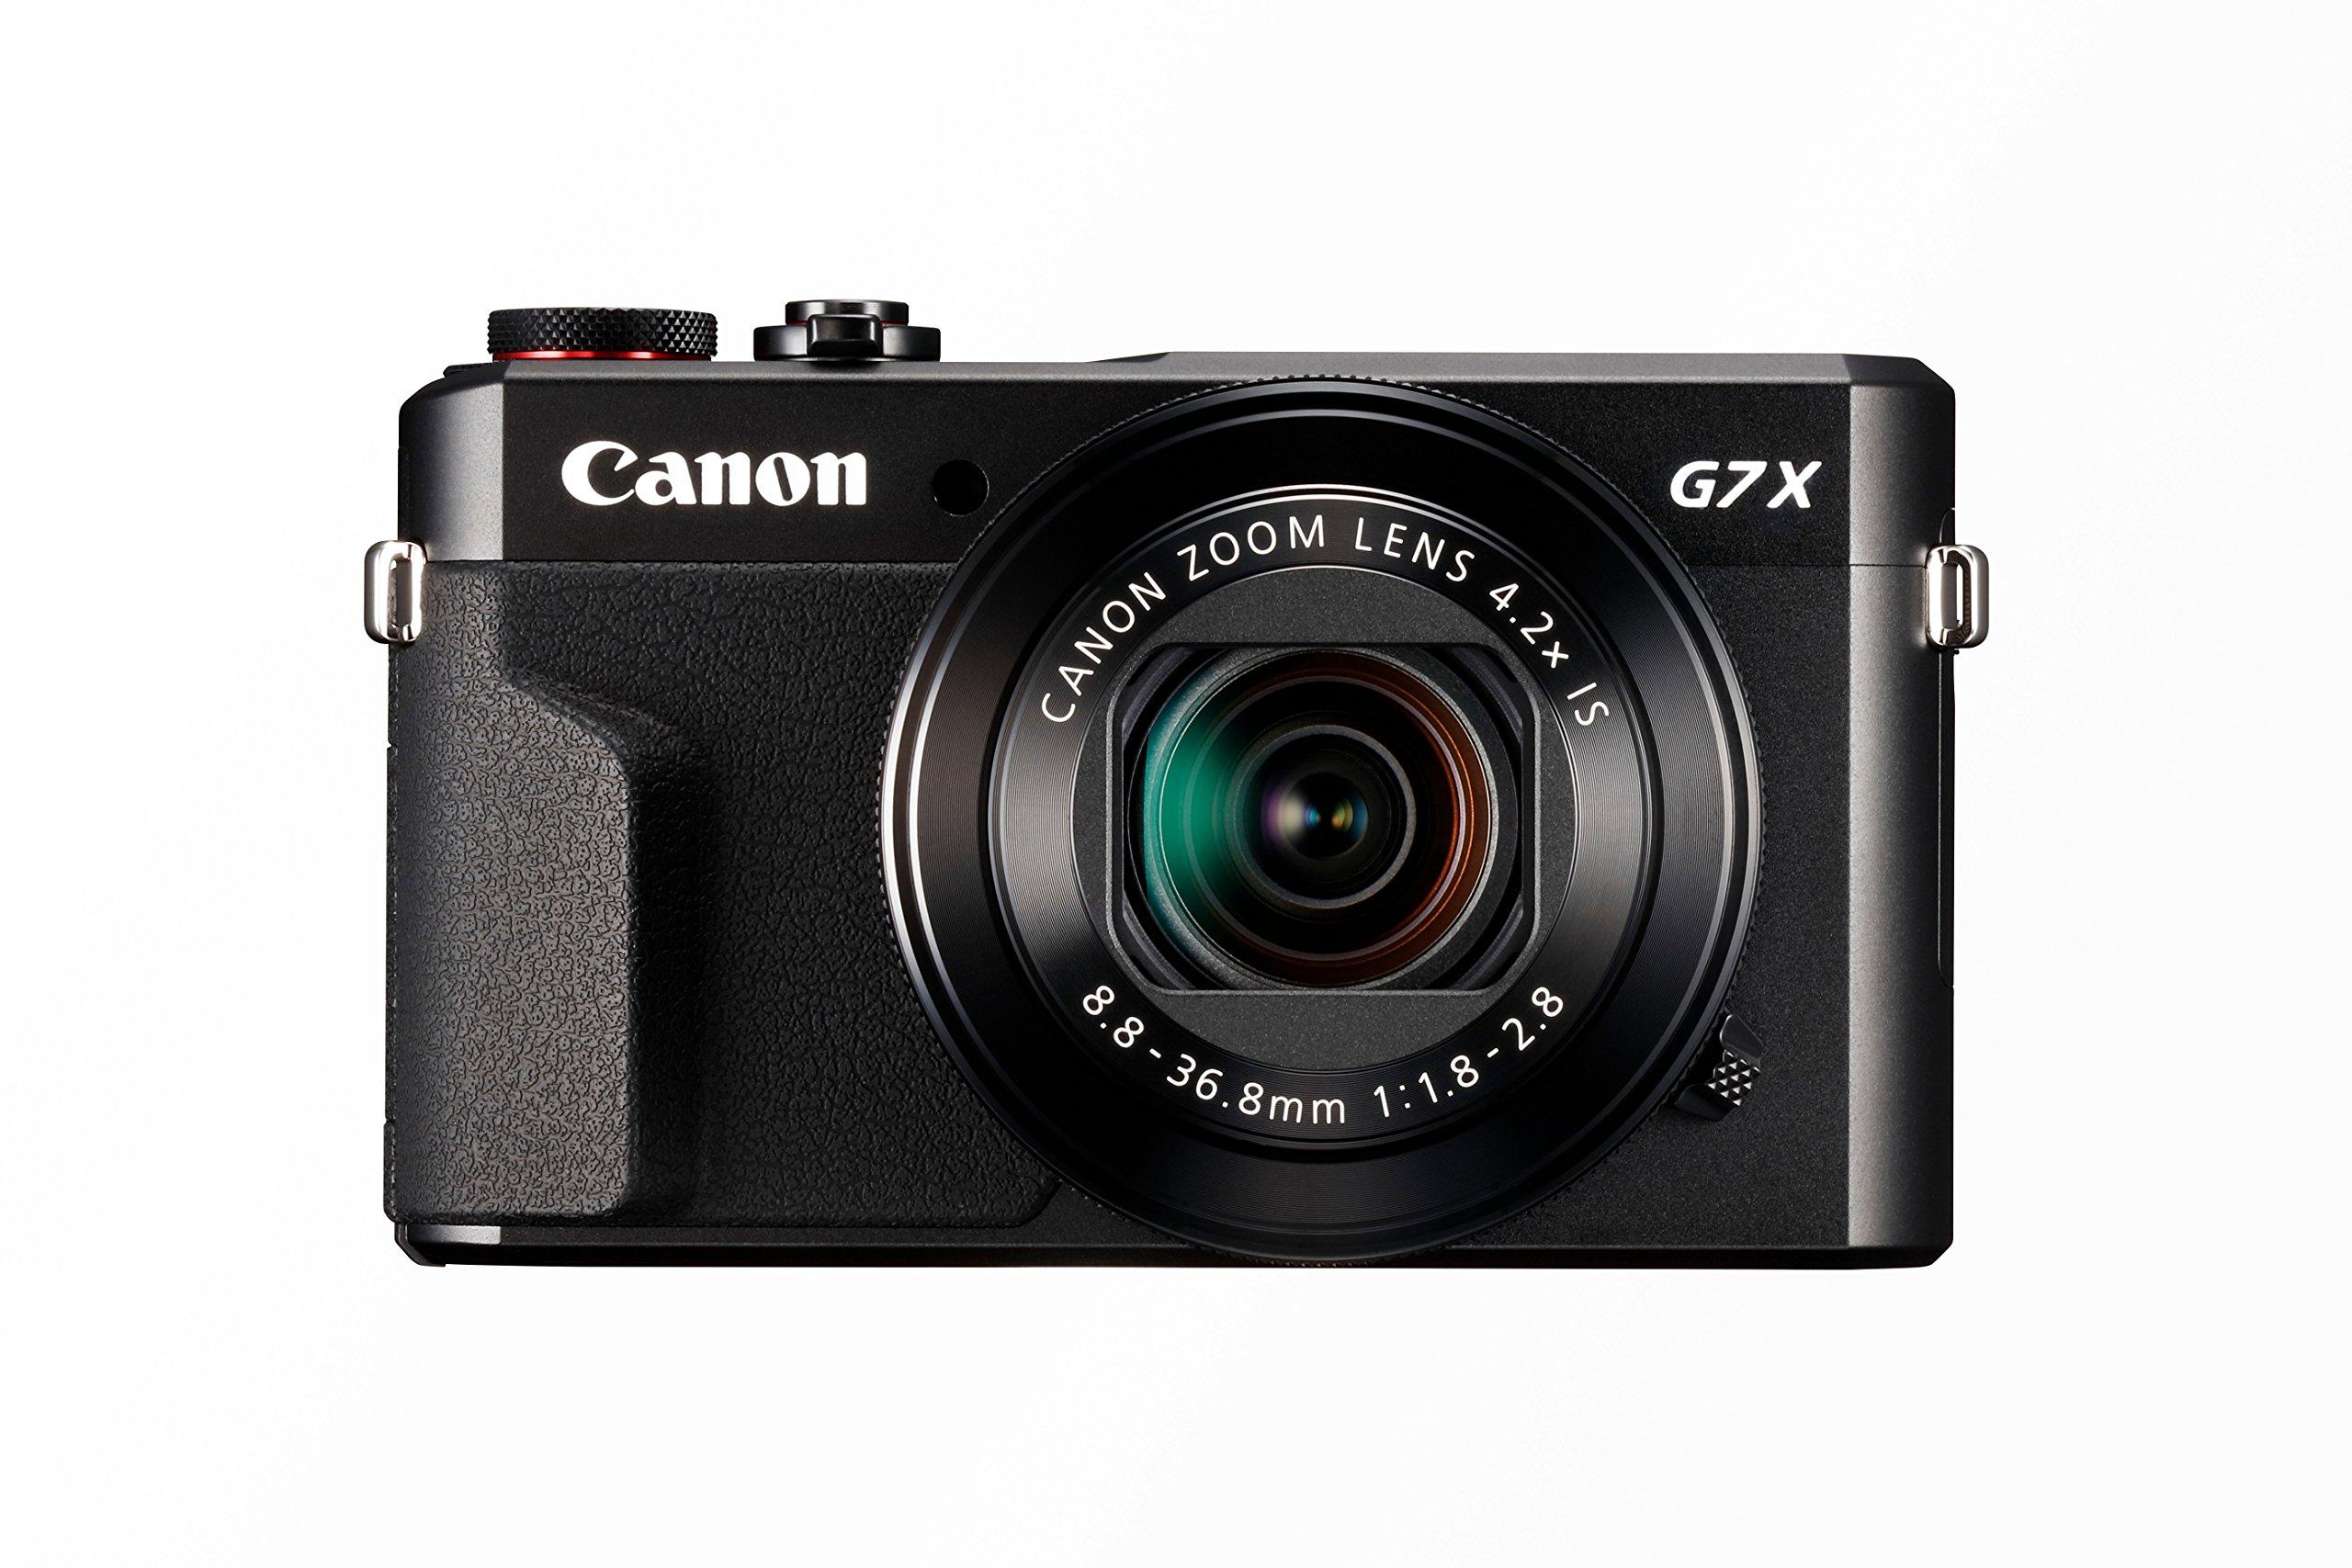 Canon PowerShot G7 X MARK II Fotocamera Compatta Digitale da 20.1 Megapixel, Wi-Fi, Nero/Antracite product image